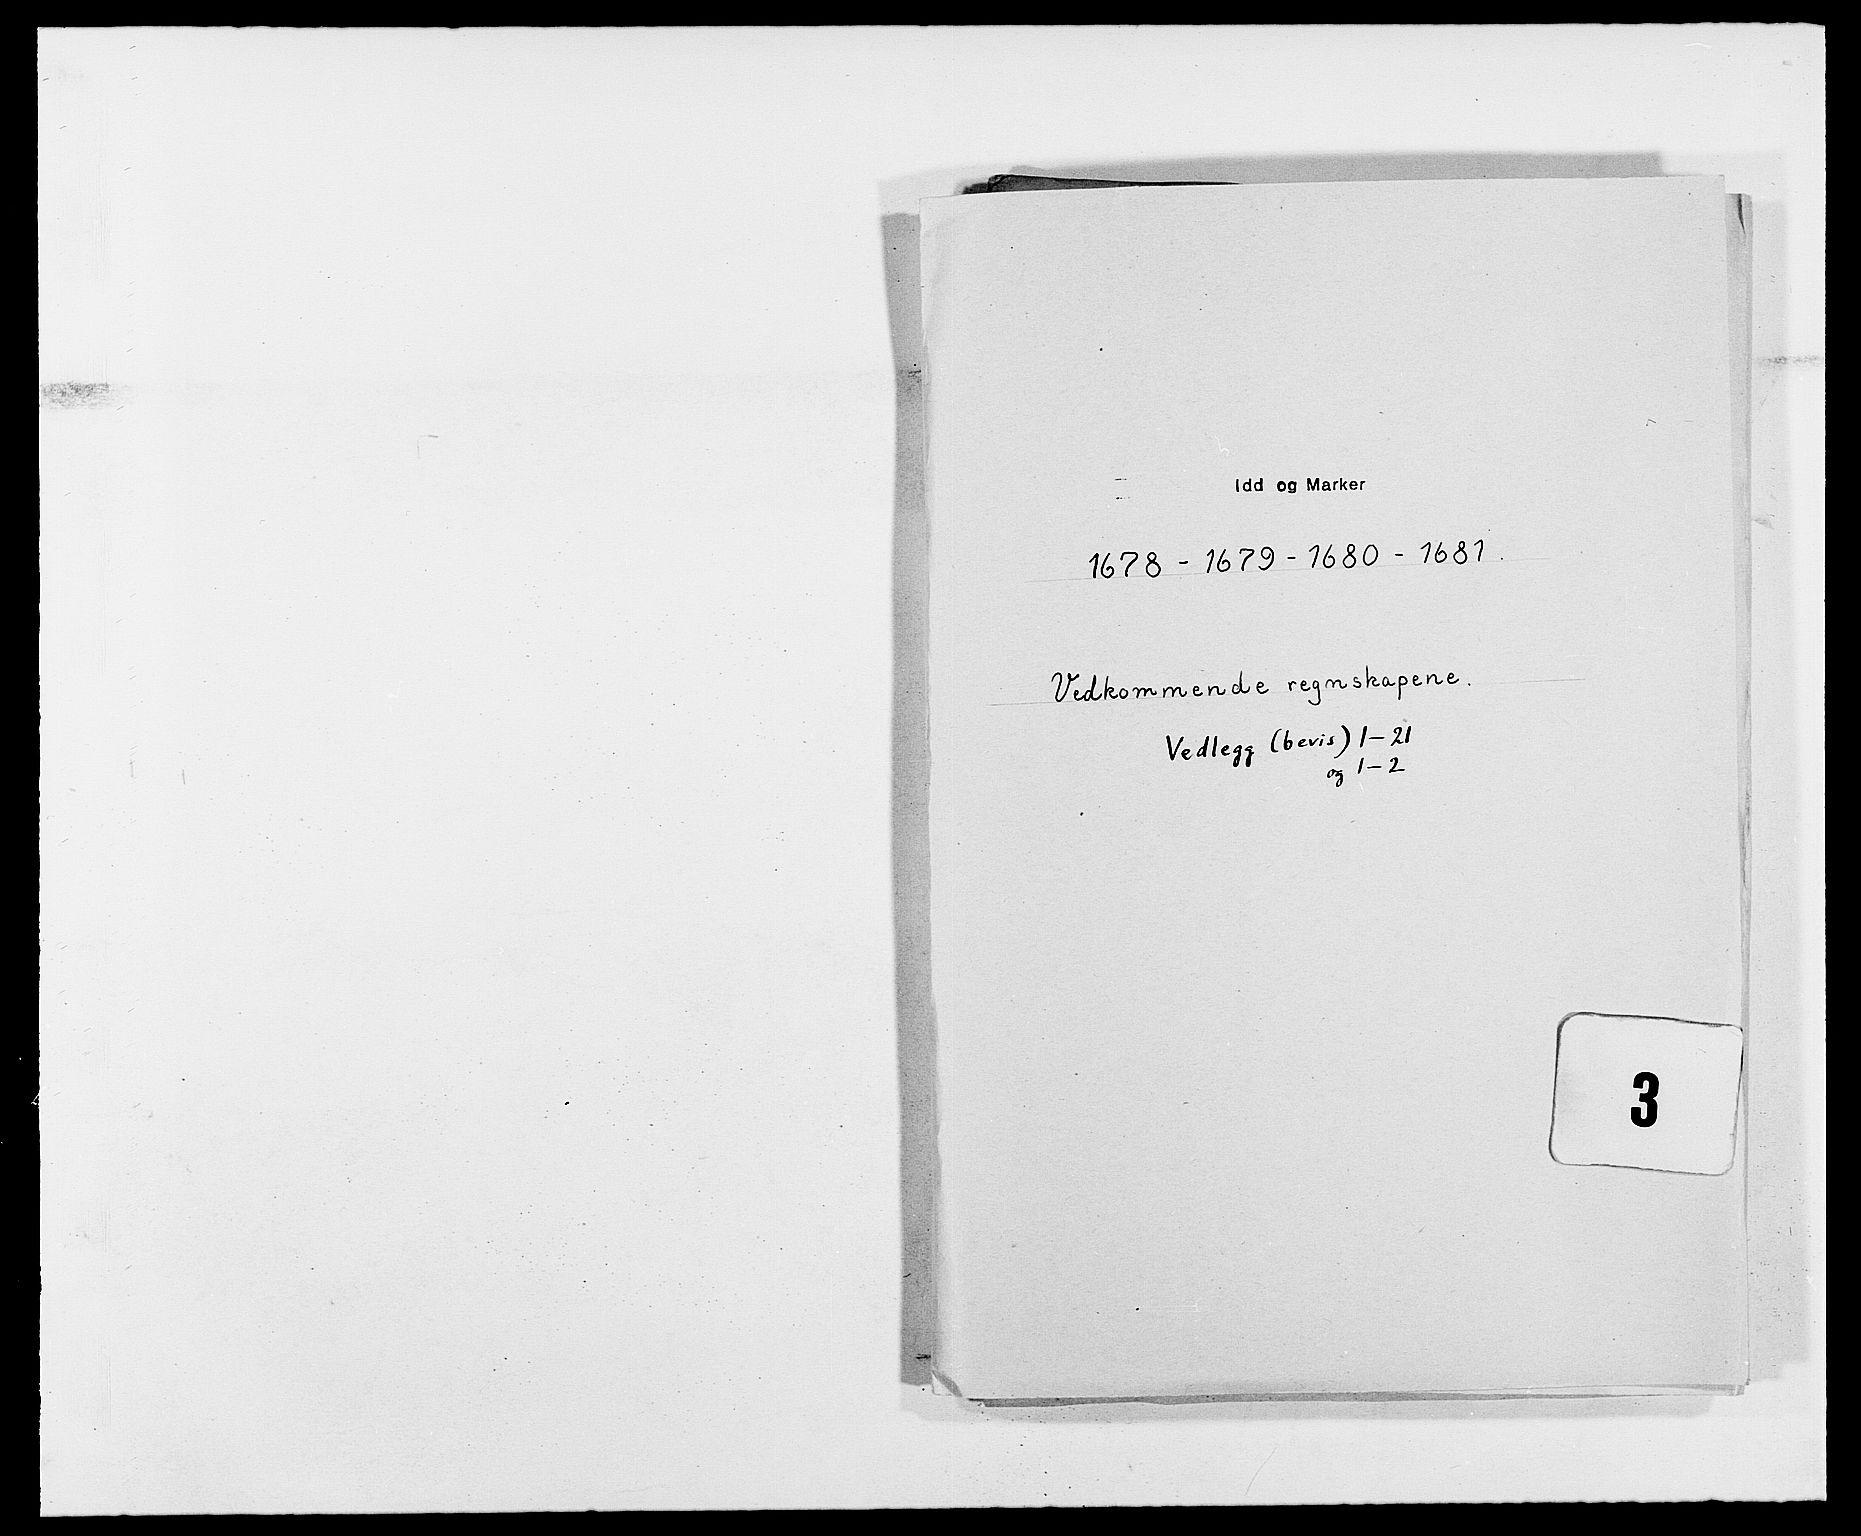 RA, Rentekammeret inntil 1814, Reviderte regnskaper, Fogderegnskap, R01/L0003: Fogderegnskap Idd og Marker, 1678-1681, s. 188